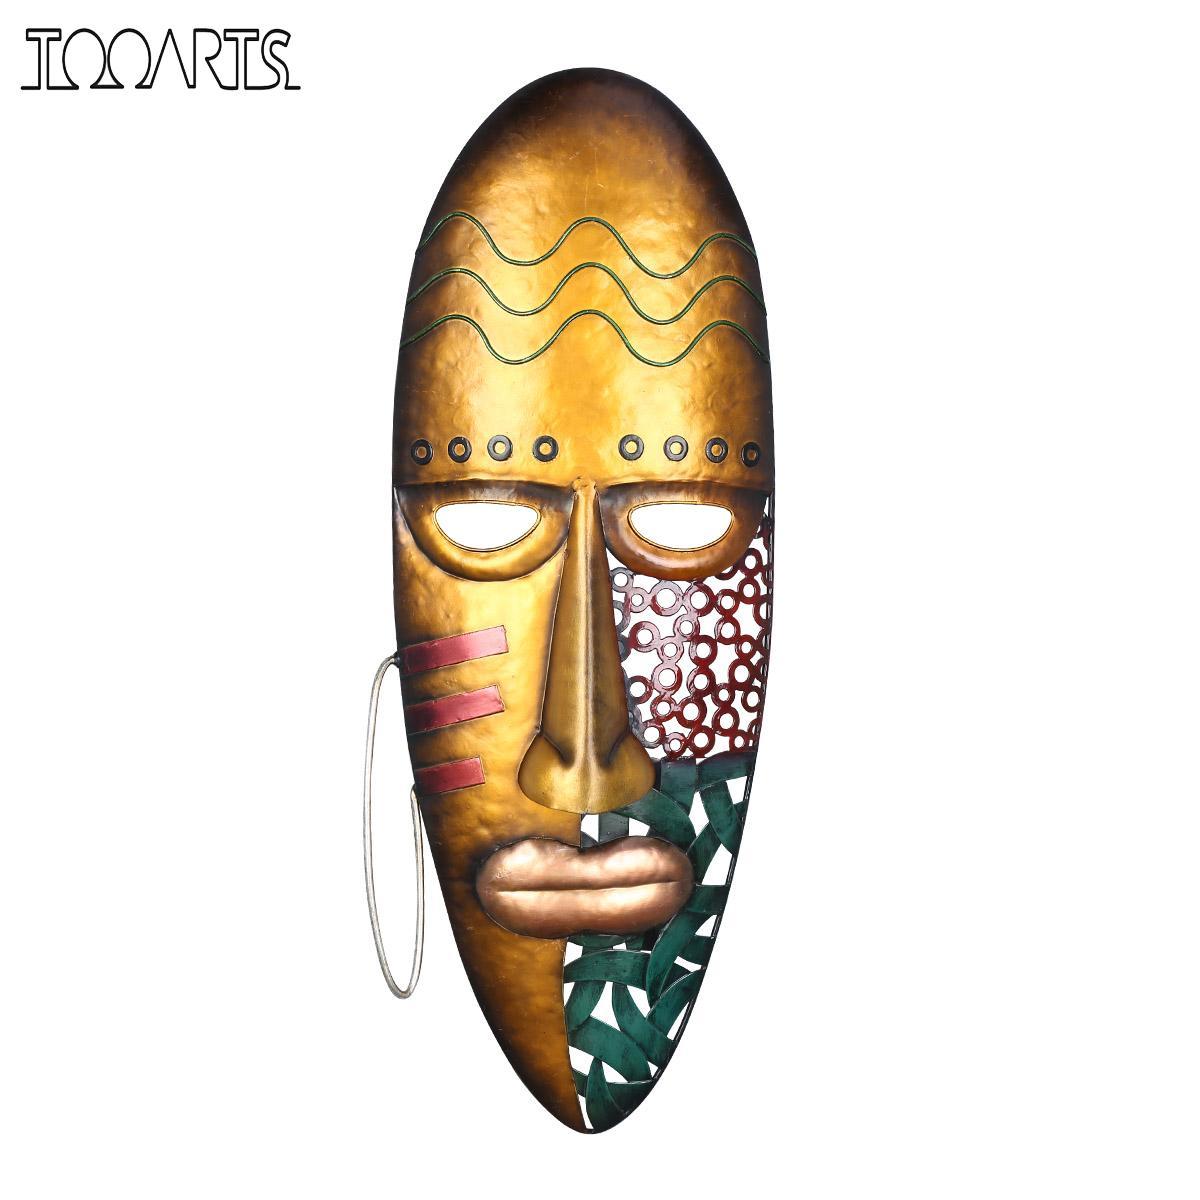 Tooarts-قناع حائط حديد معلق ، قناع وجه أفريقي ، زخرفة جدارية ، ثقافة قبلية أفريقية ، ديكور منزلي أو حديقة ملونة